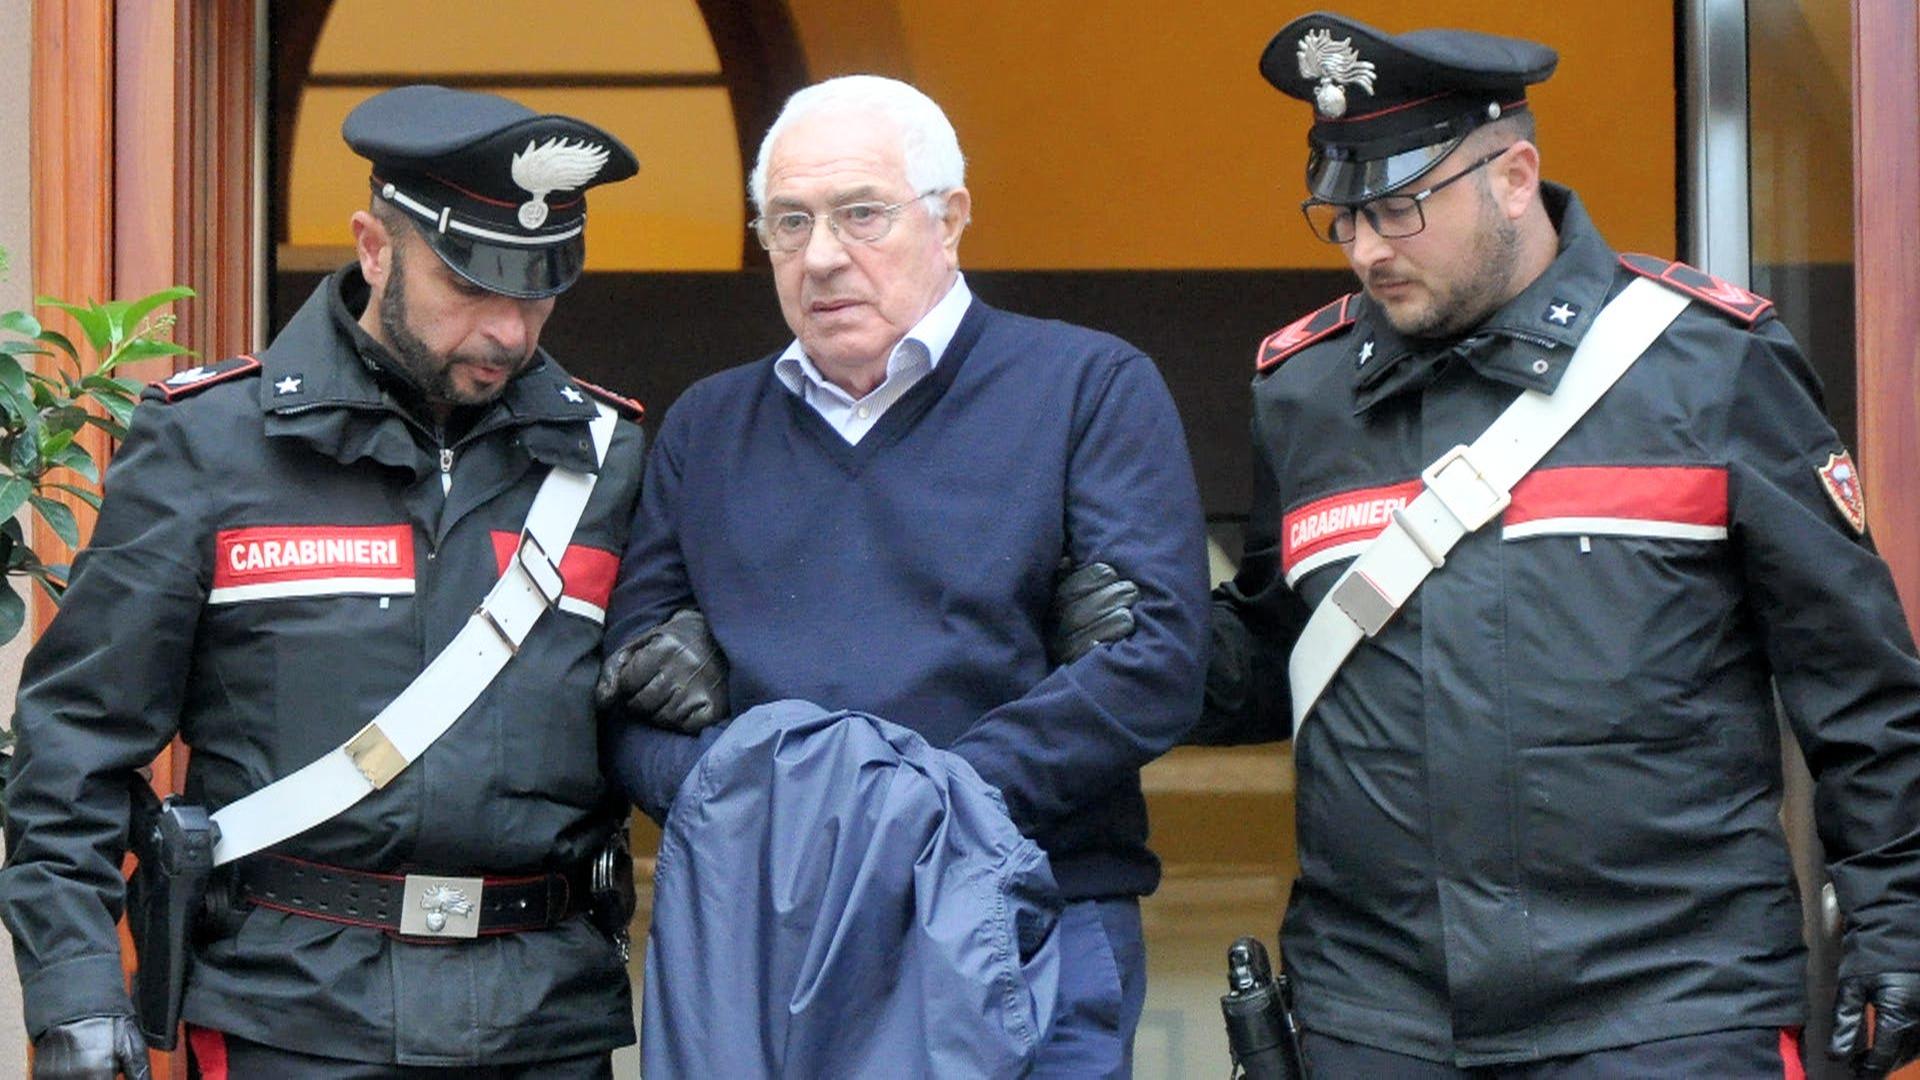 Policía italiana anuncia arresto del jefe de la mafia siciliana.